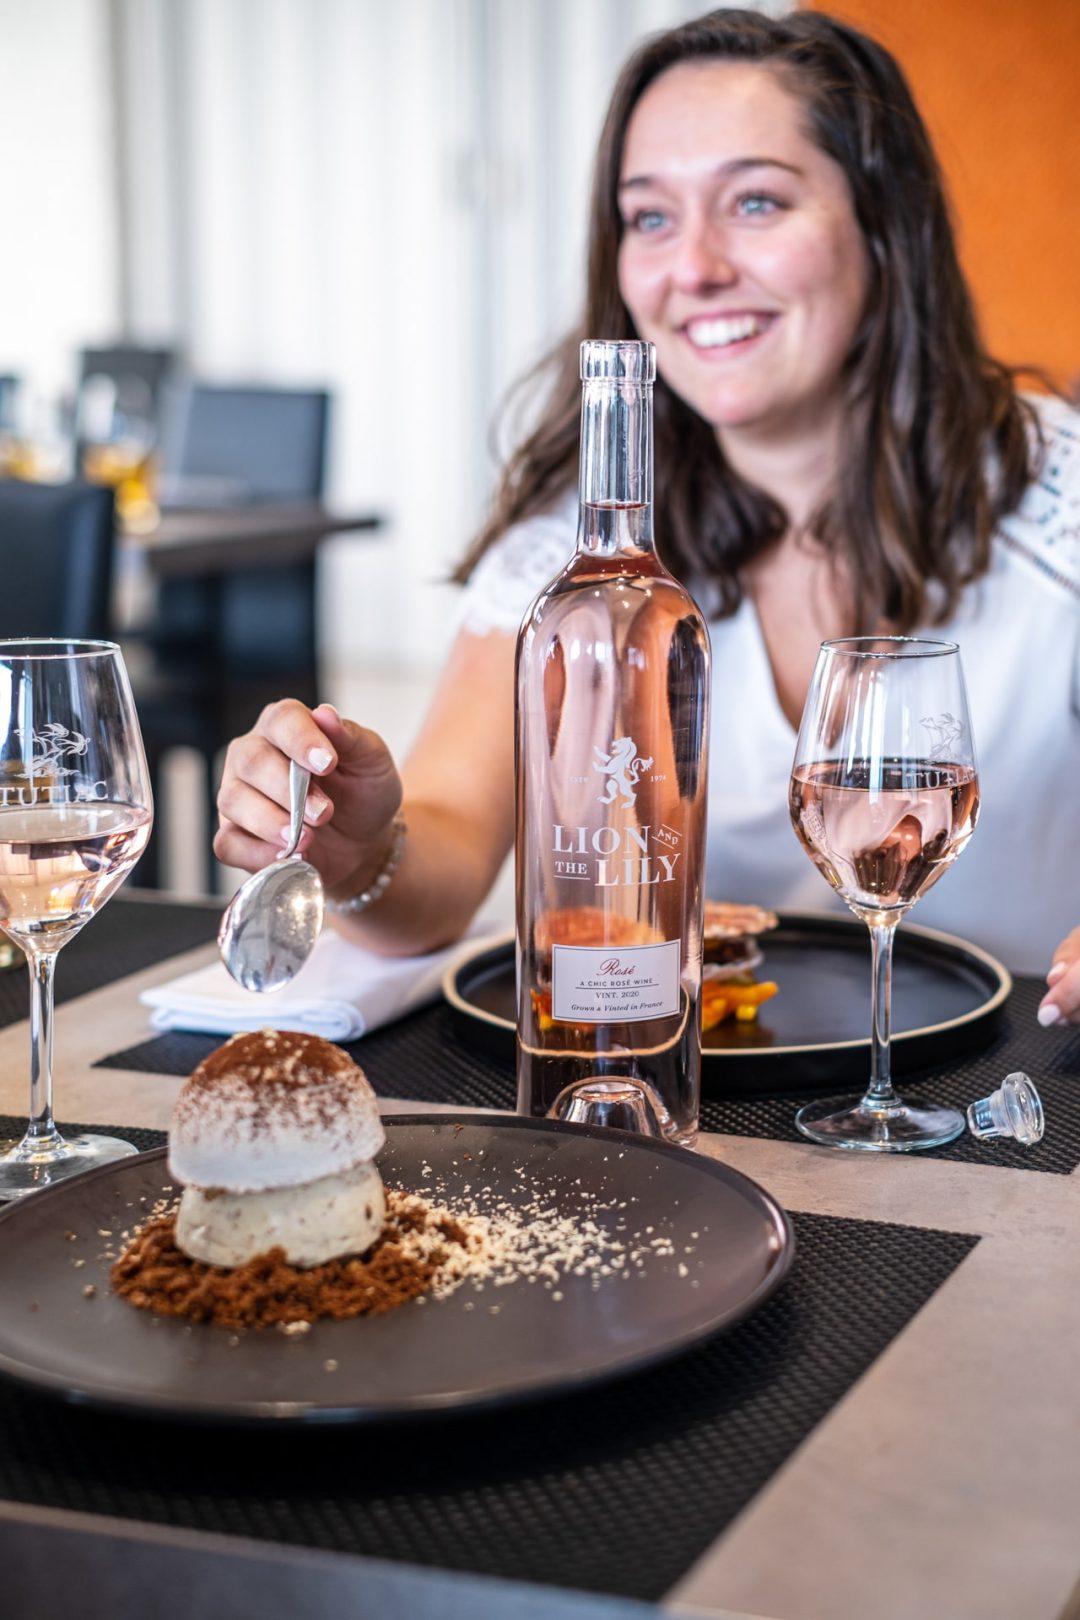 Photographe produit entreprise bordeaux lifestyle vin